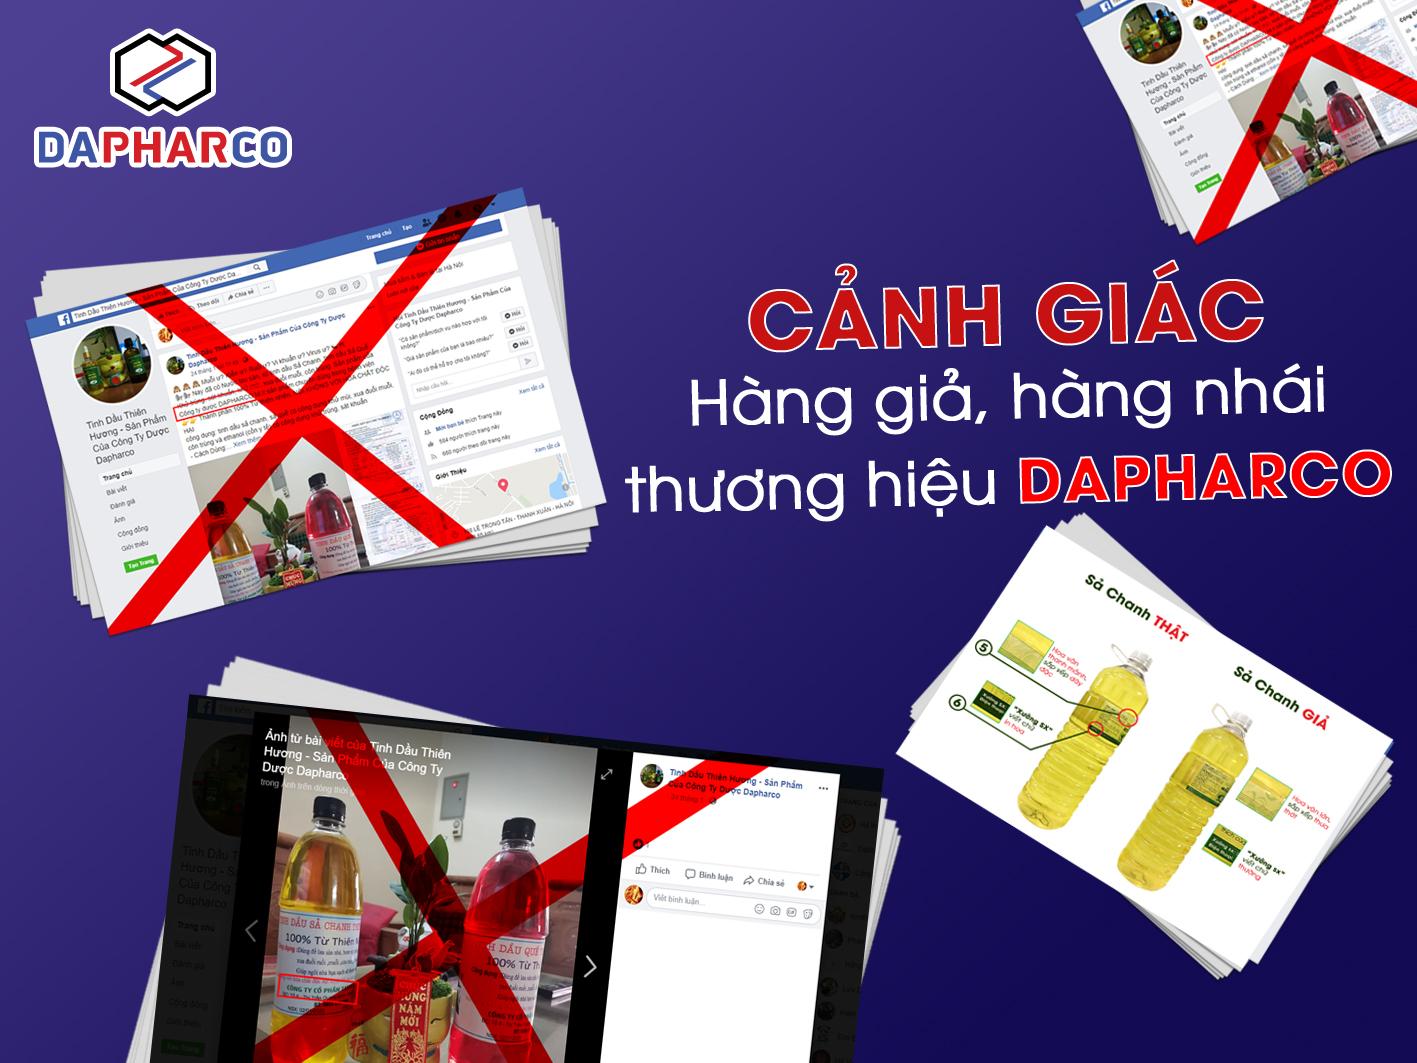 Thông báo cảnh giác hàng giả, hàng nhái thương hiệu DAPHARCO